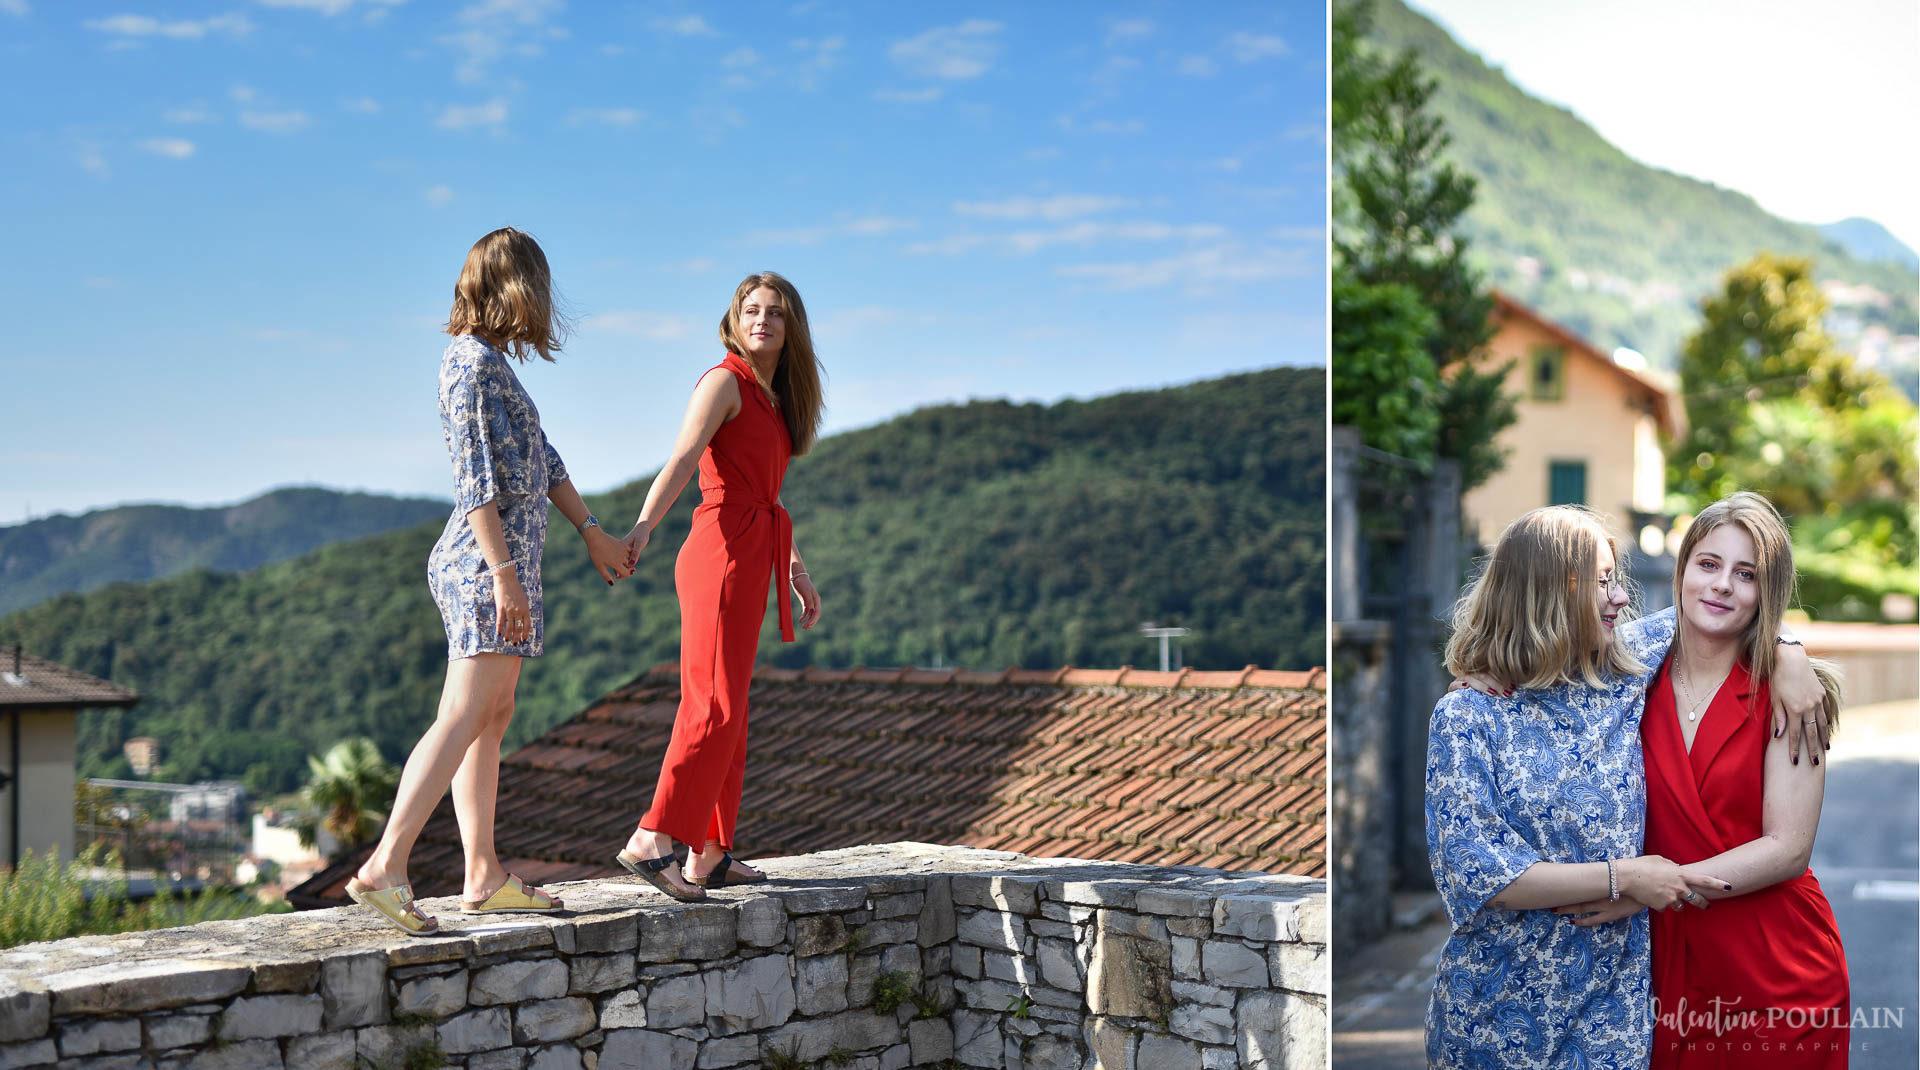 Shooting soeurs Italie - Valentine Poulain couleur